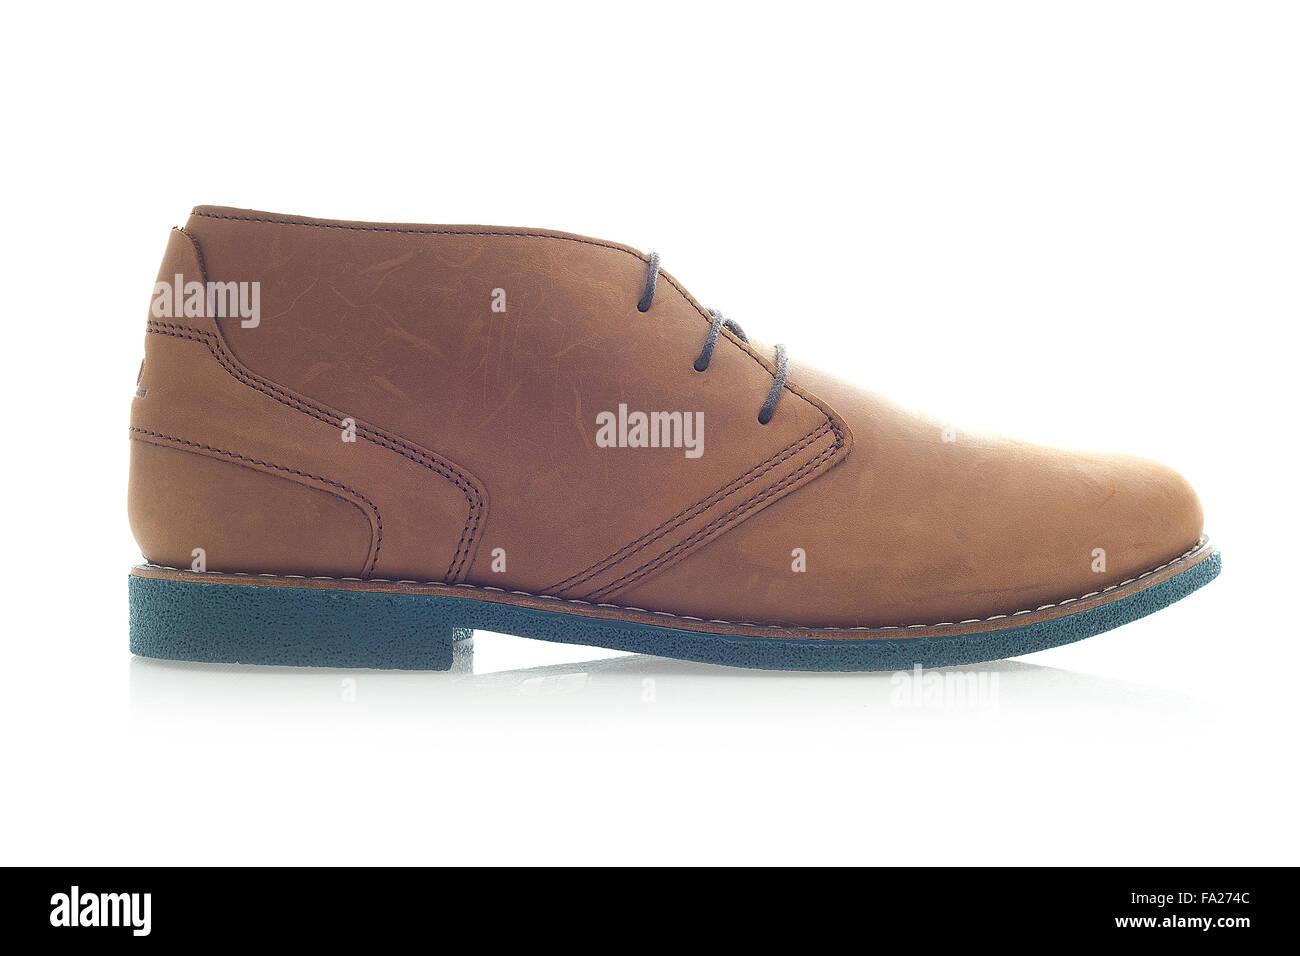 Mens Brown Suede Schuh auf weißem Hintergrund Stockbild